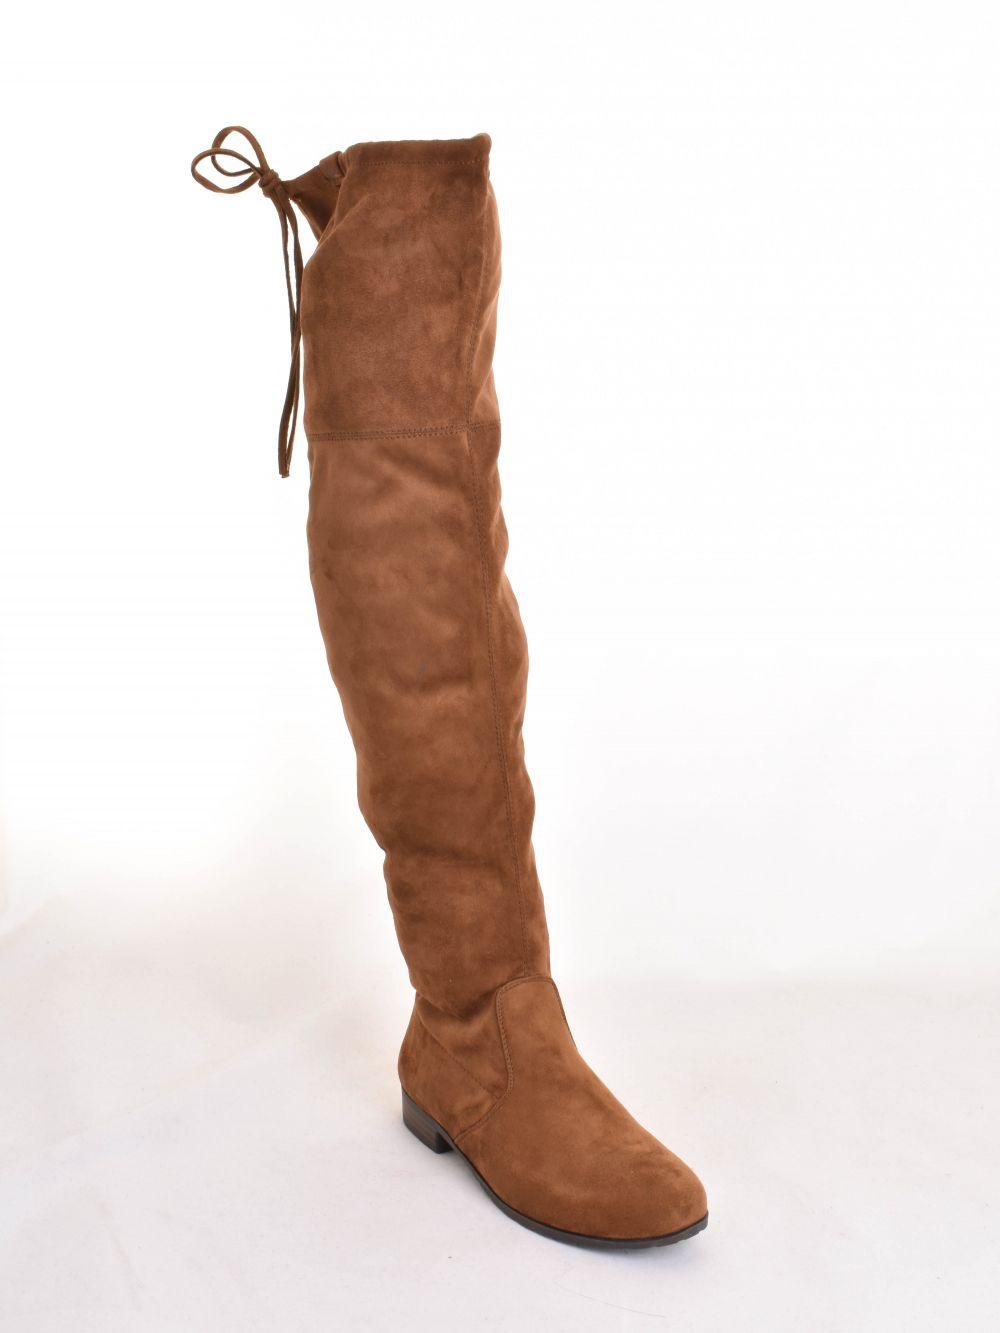 da1ed6c5ca Női - Cipő - Csizma szurke, khaki, barna | Márkásbolt.hu